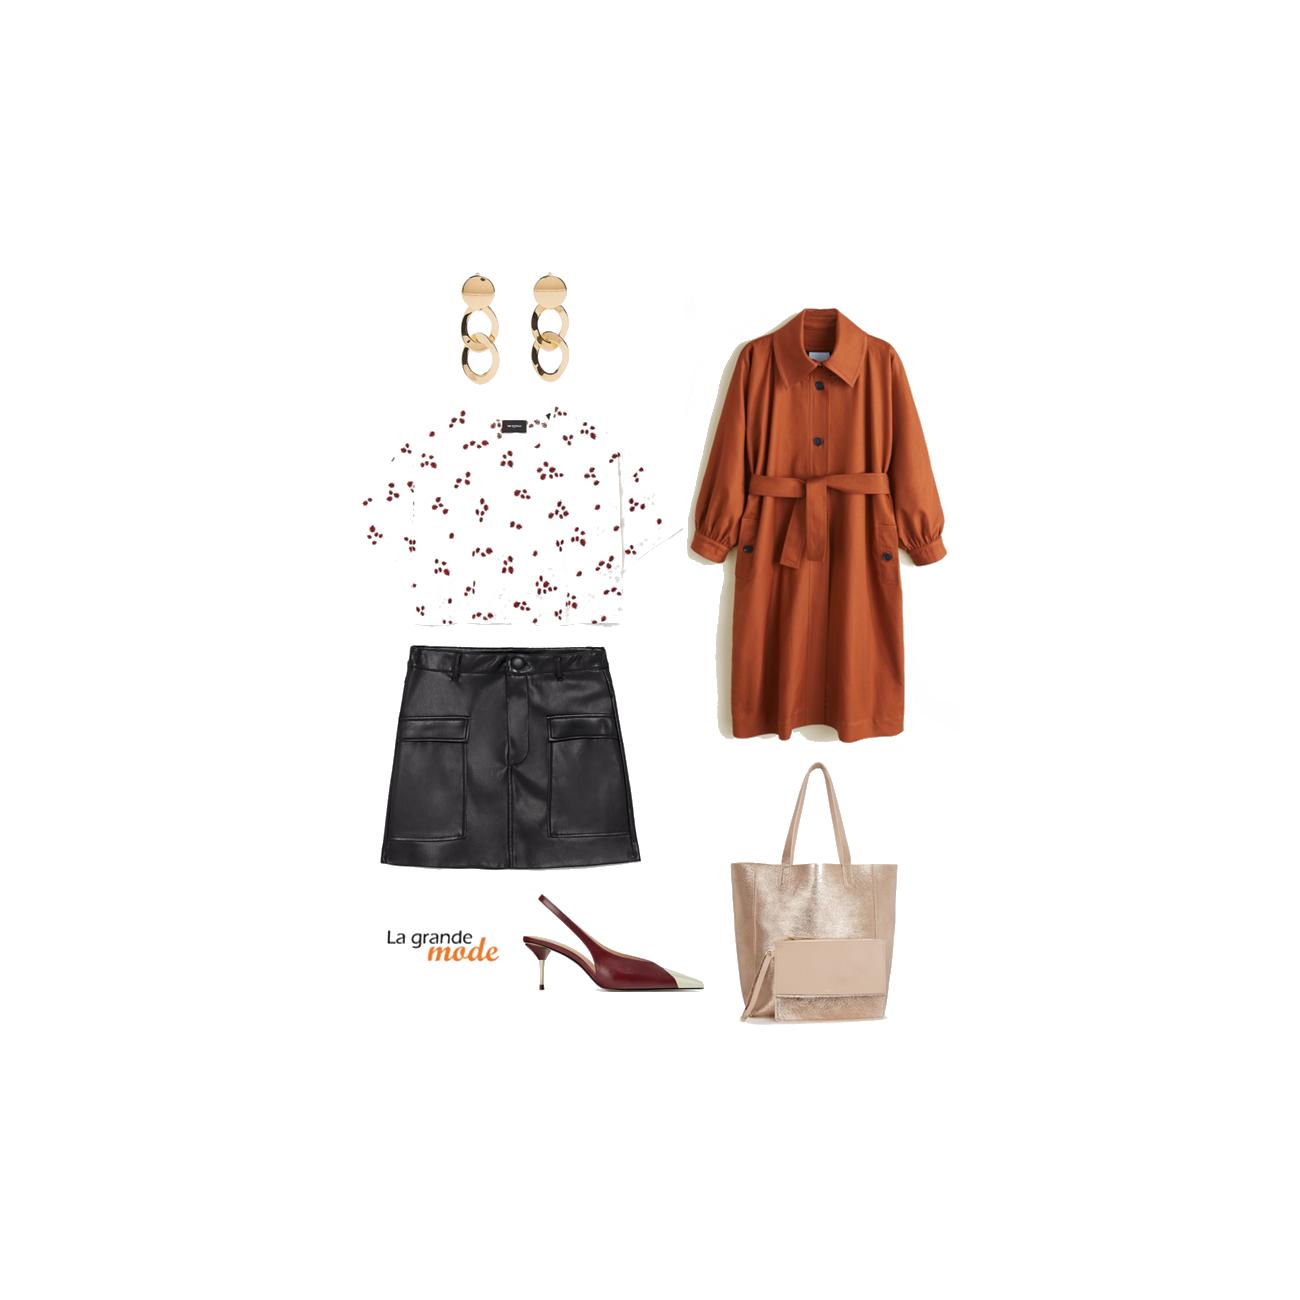 La Grande Mode - Idée look avec un trench et une jupe en simili cuir - Tendance mode printemps été 2019